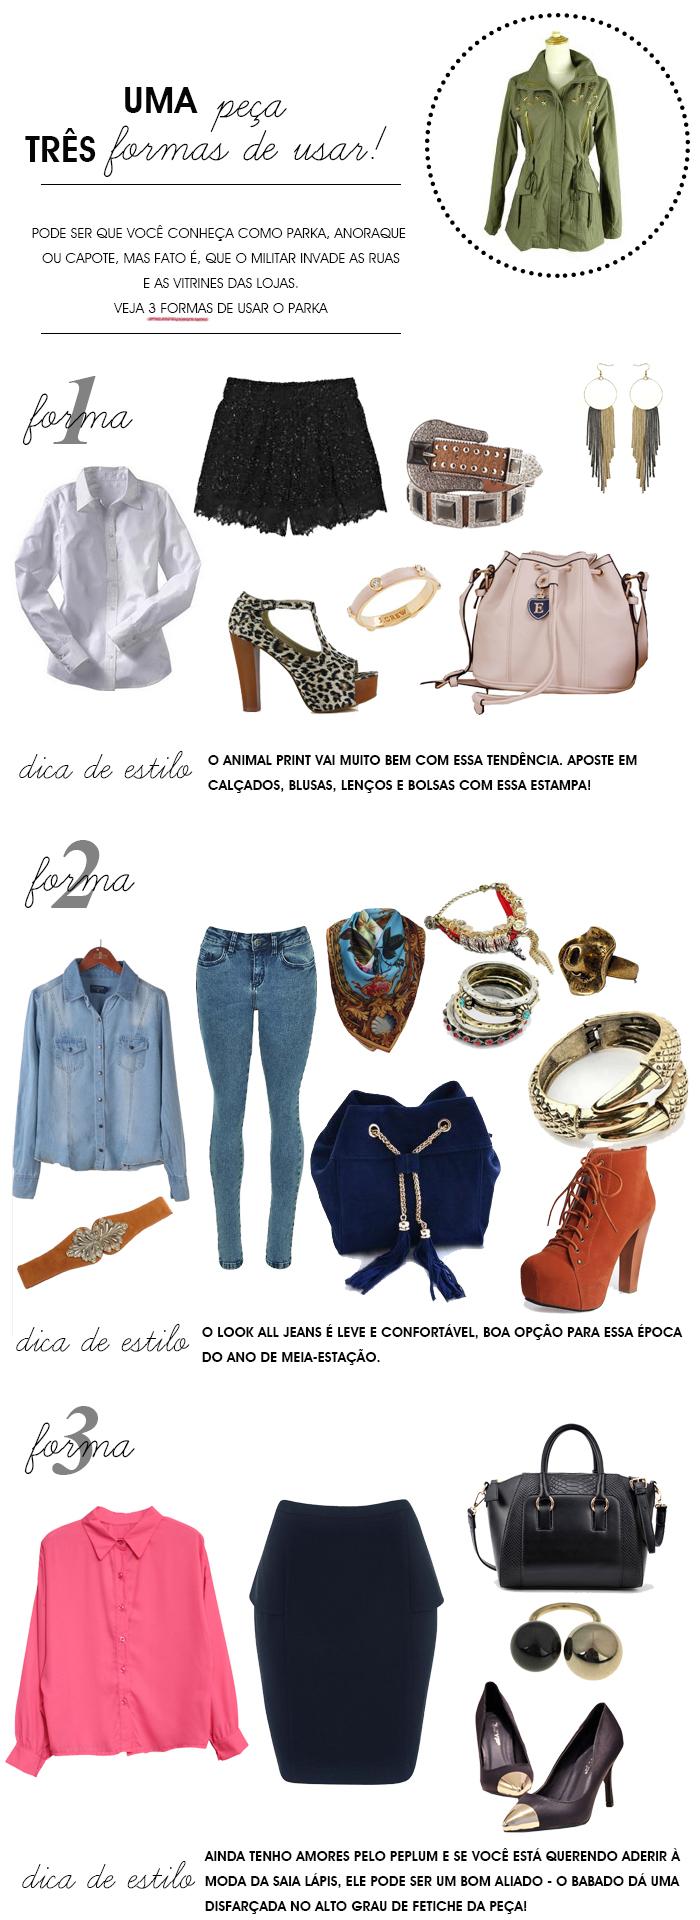 uma peça 3 formas de usar parka, capote ou anaroque Fashion Blog MeninaIT